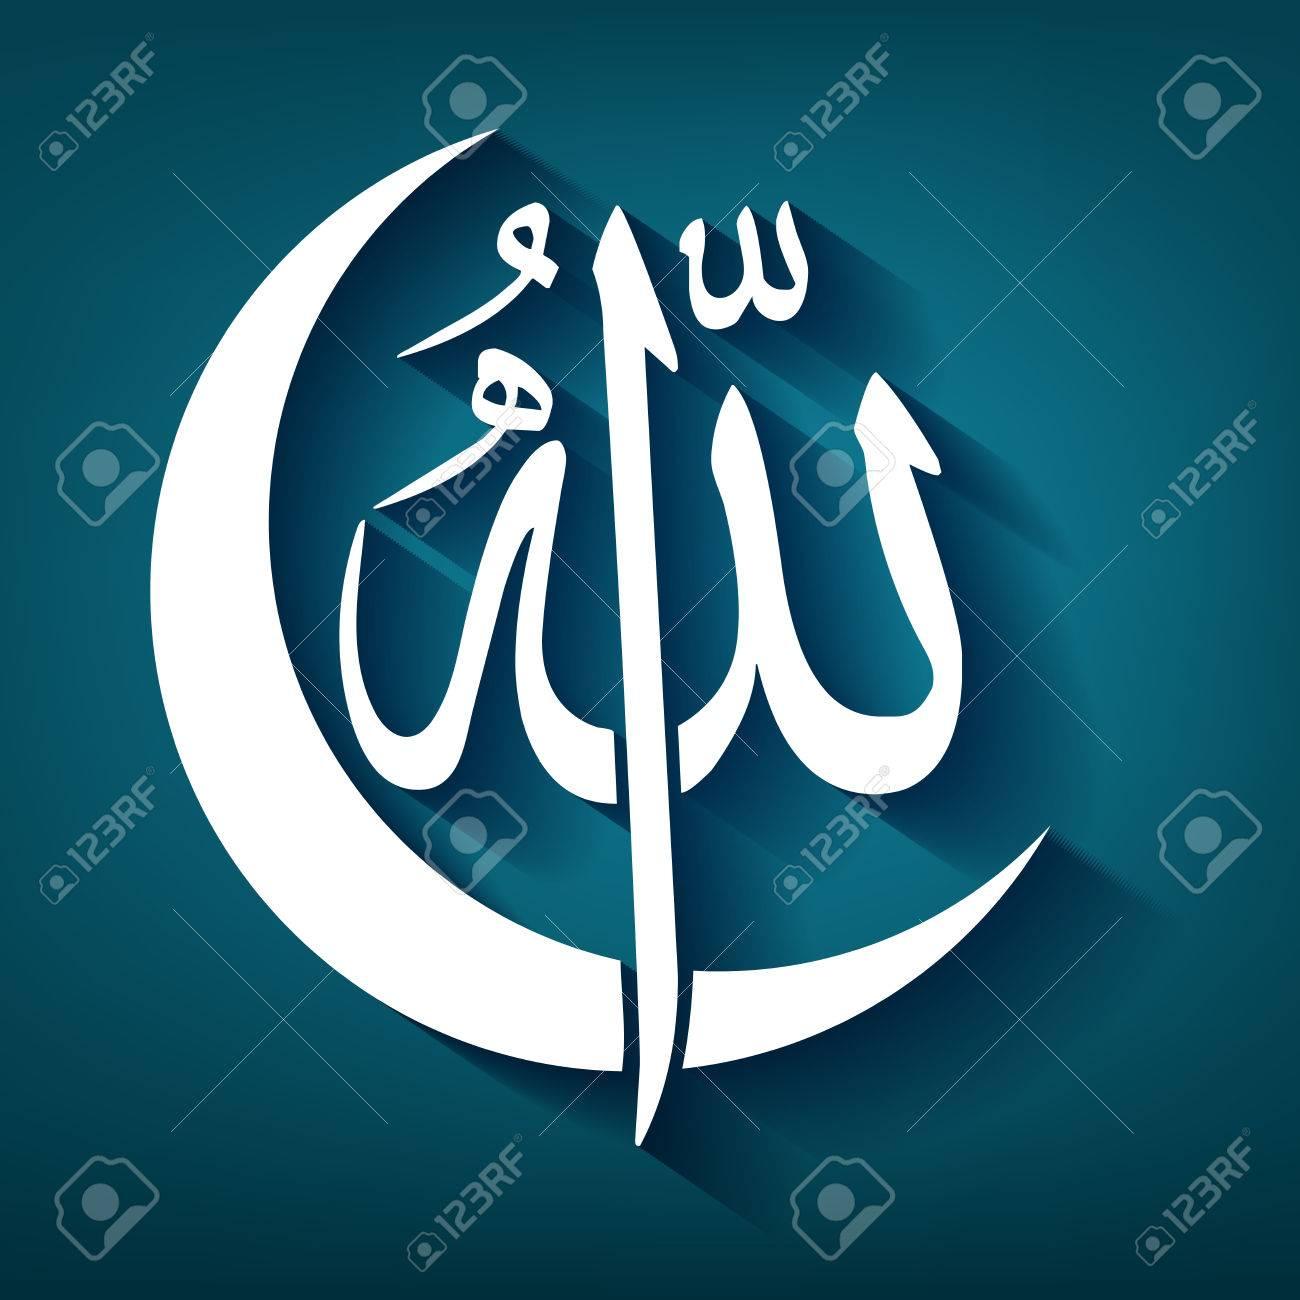 Allah En Arabe allah en árabe de la caligrafía con la luna creciente - el nombre de